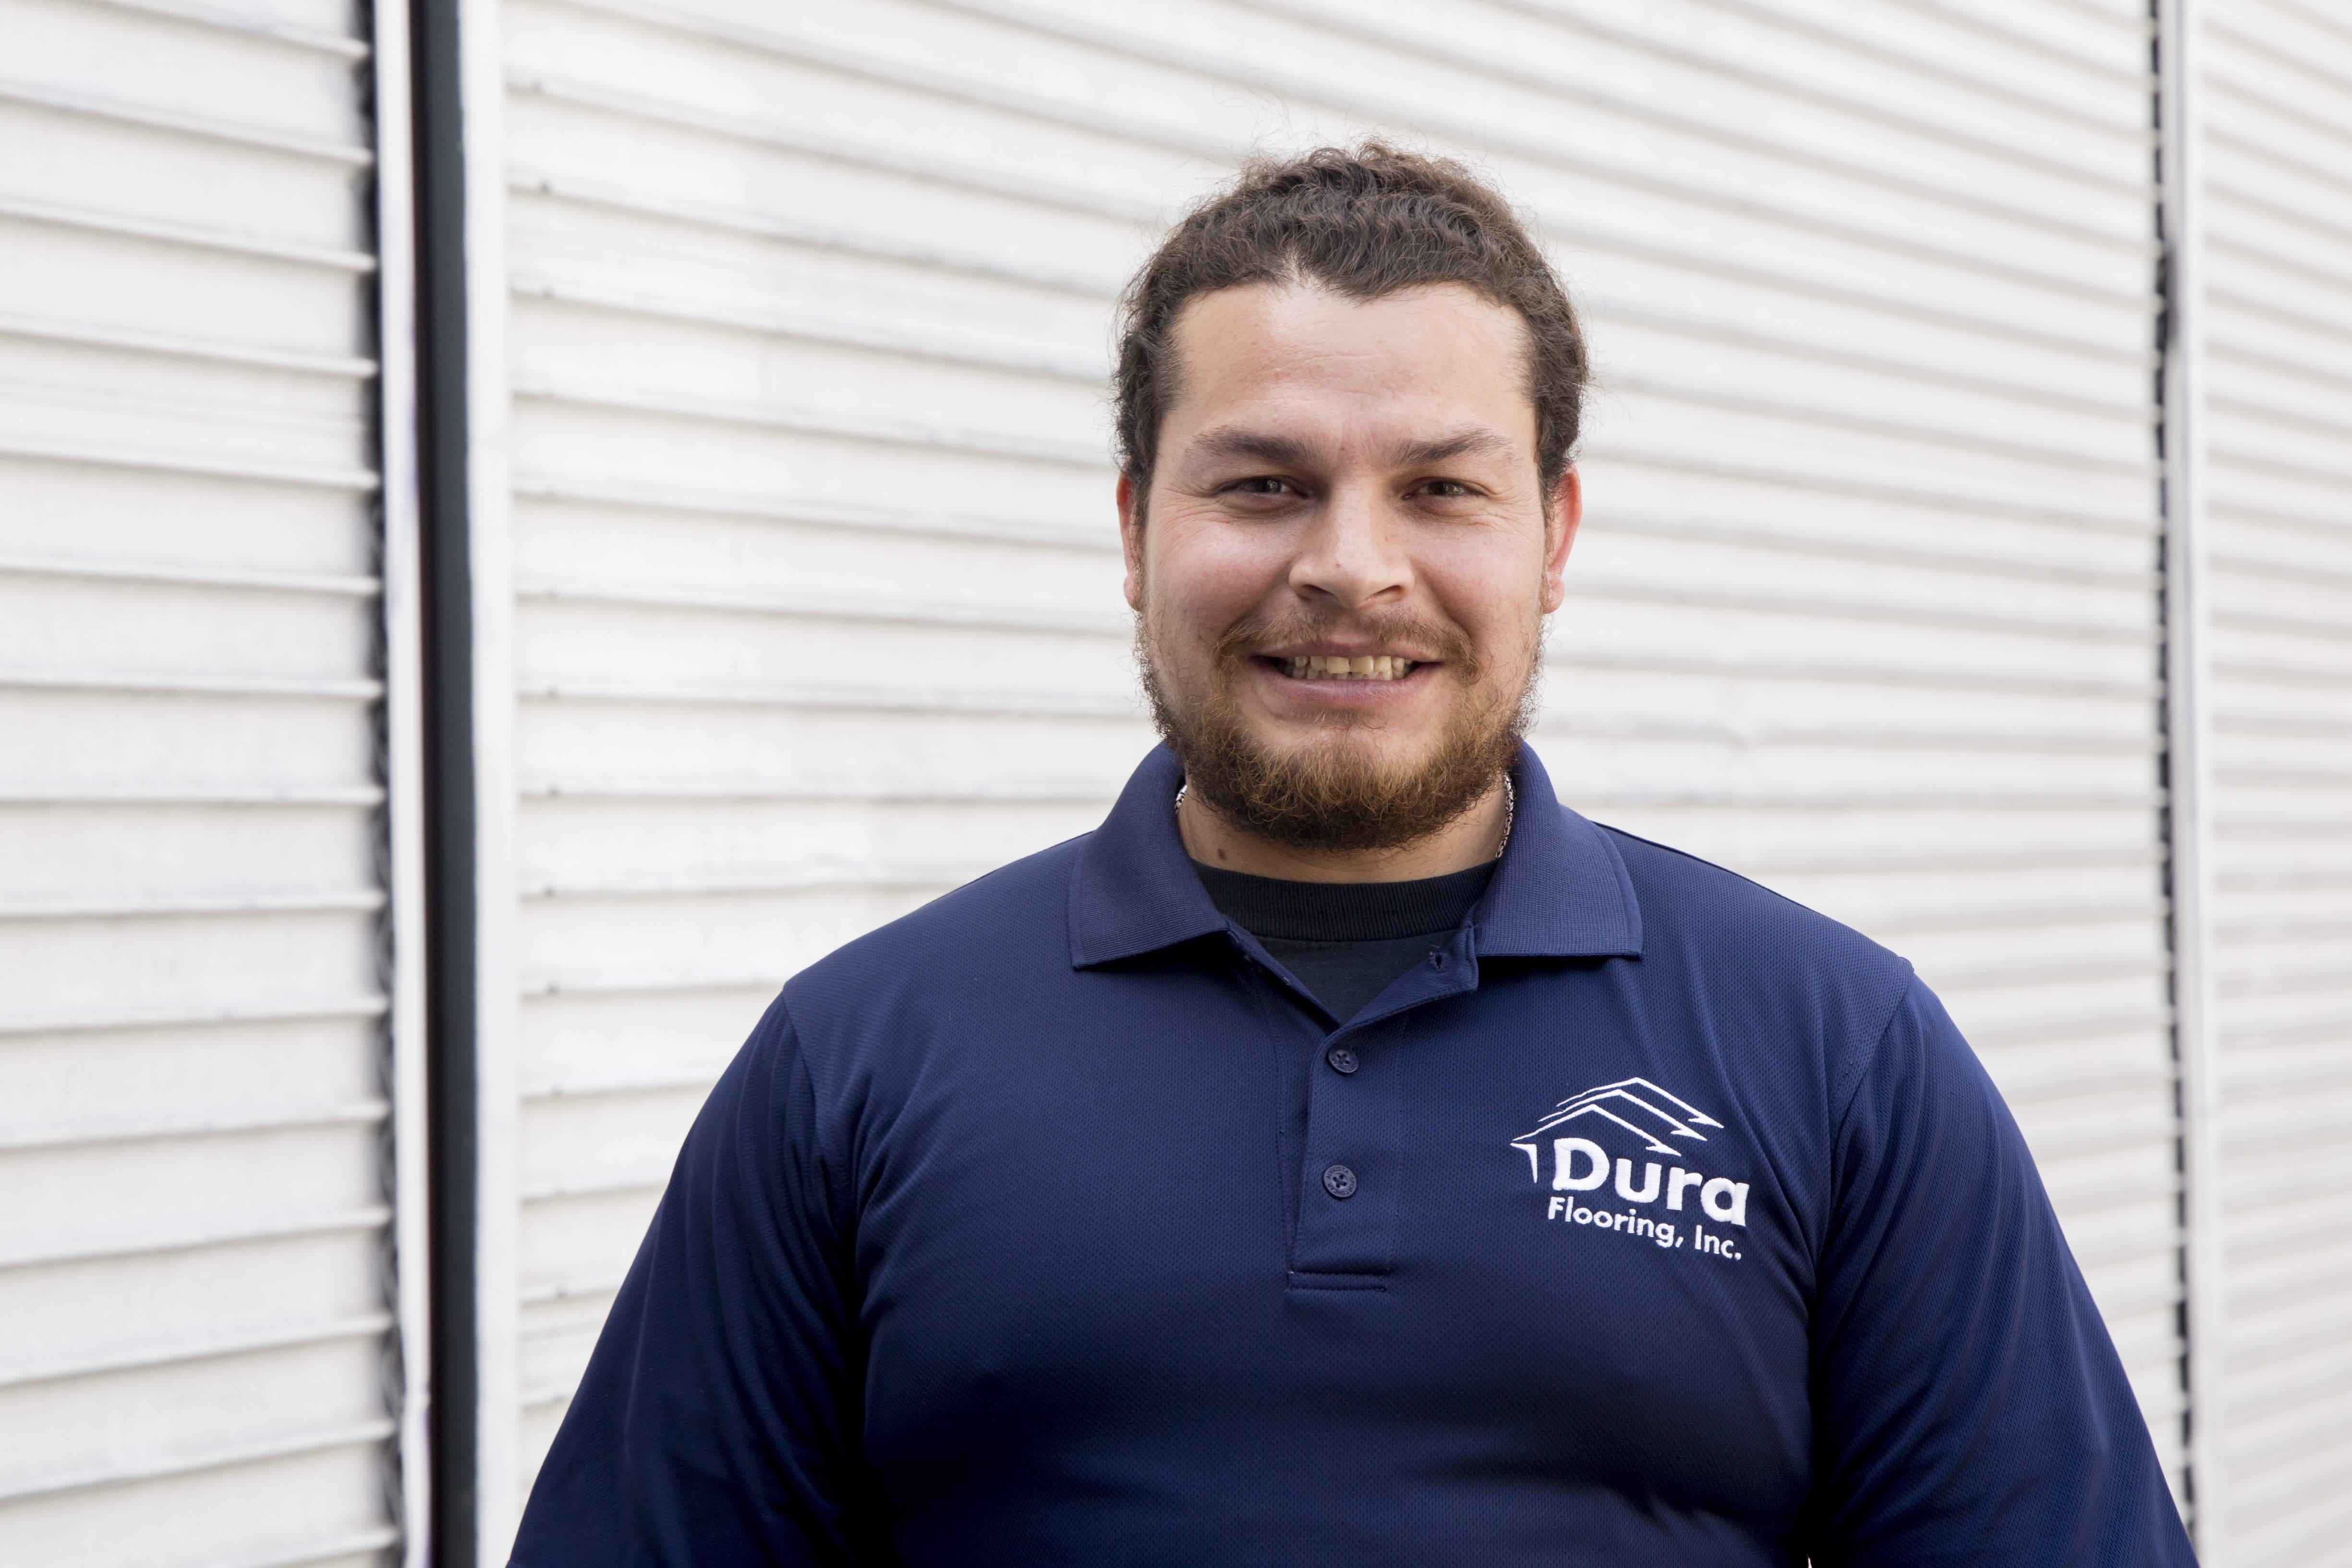 Lolis, Accounting at Dura Flooring, Inc